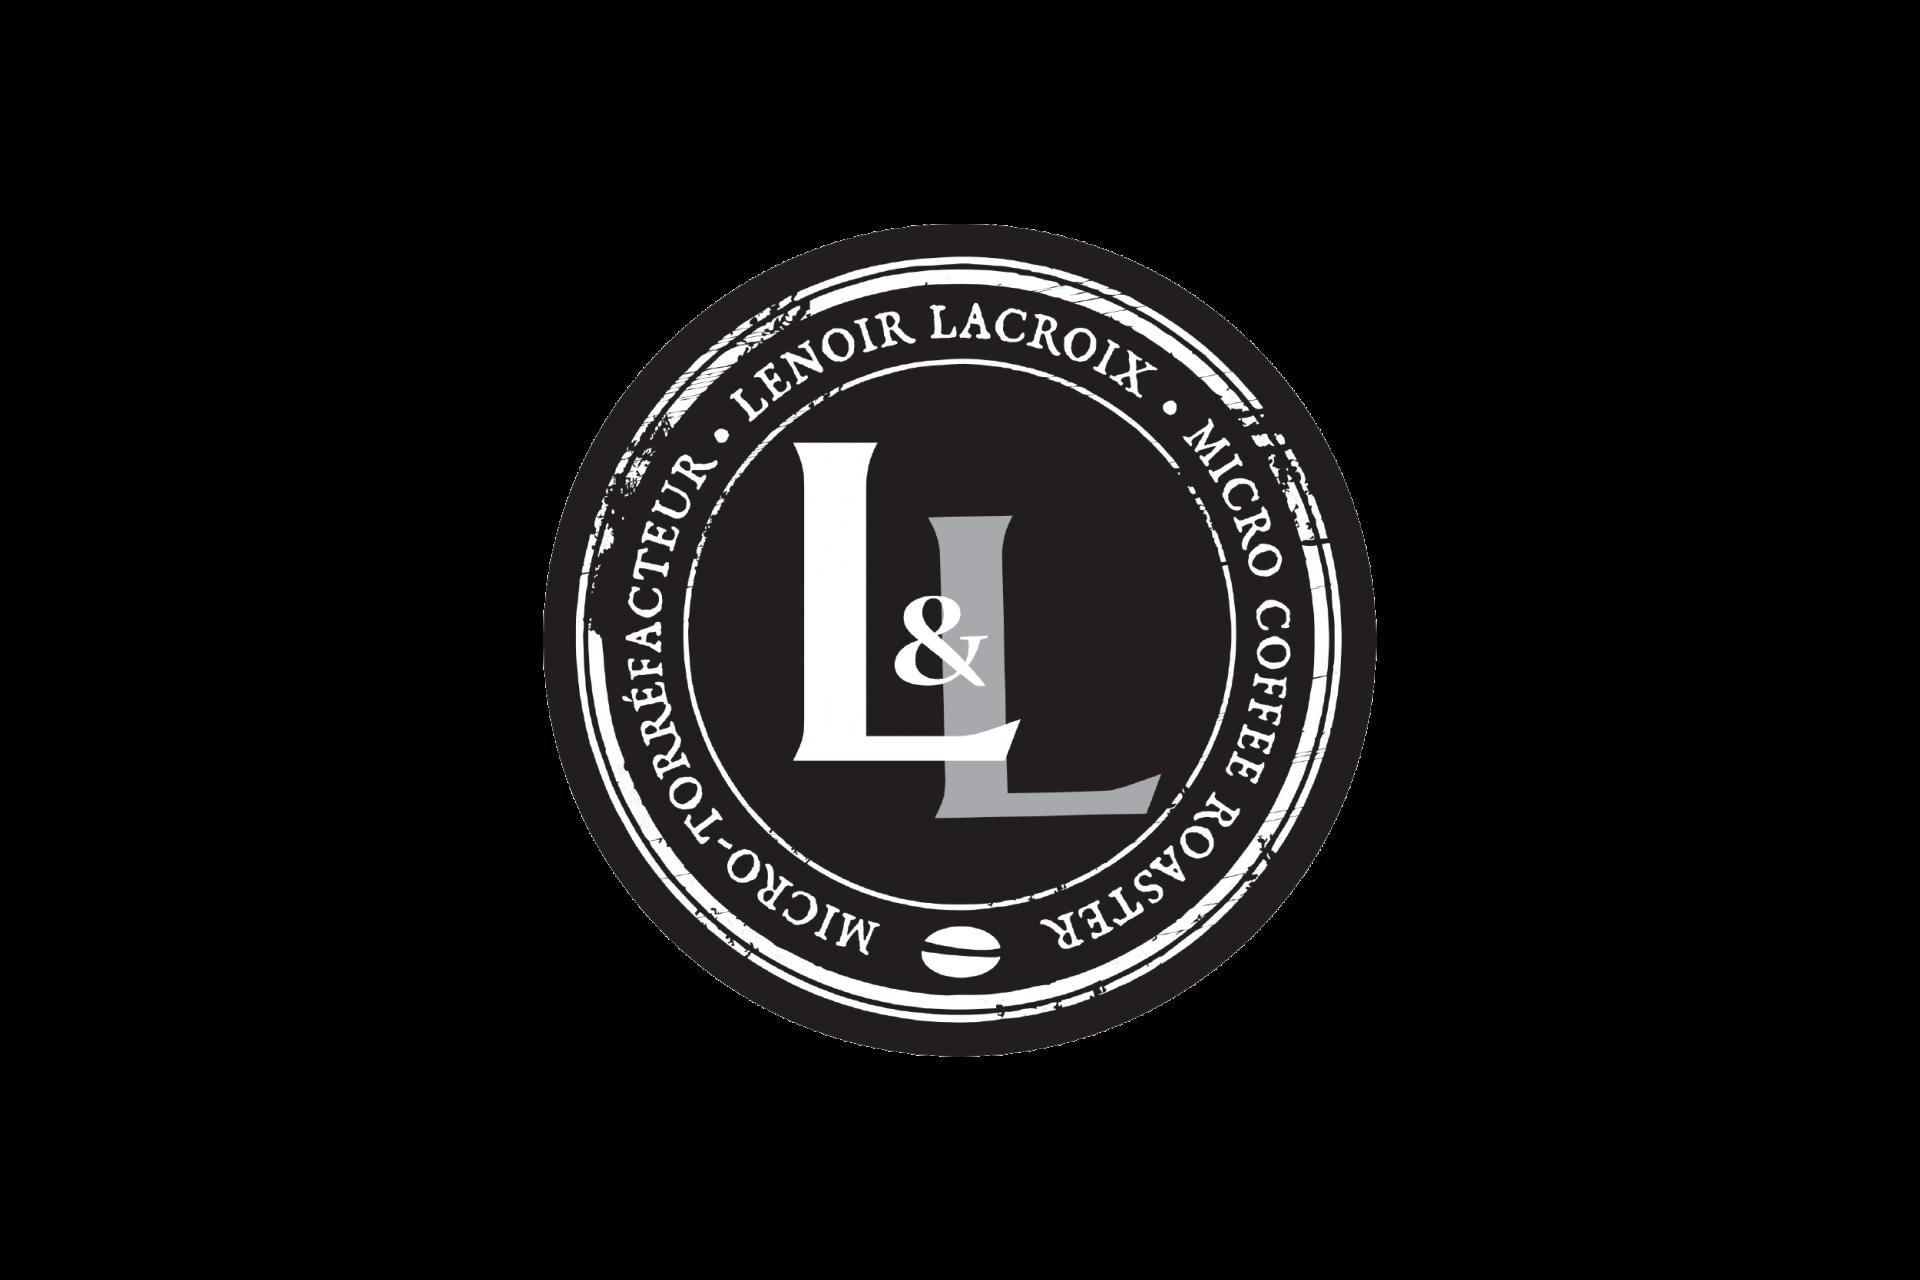 logo_lenoir-lacroix